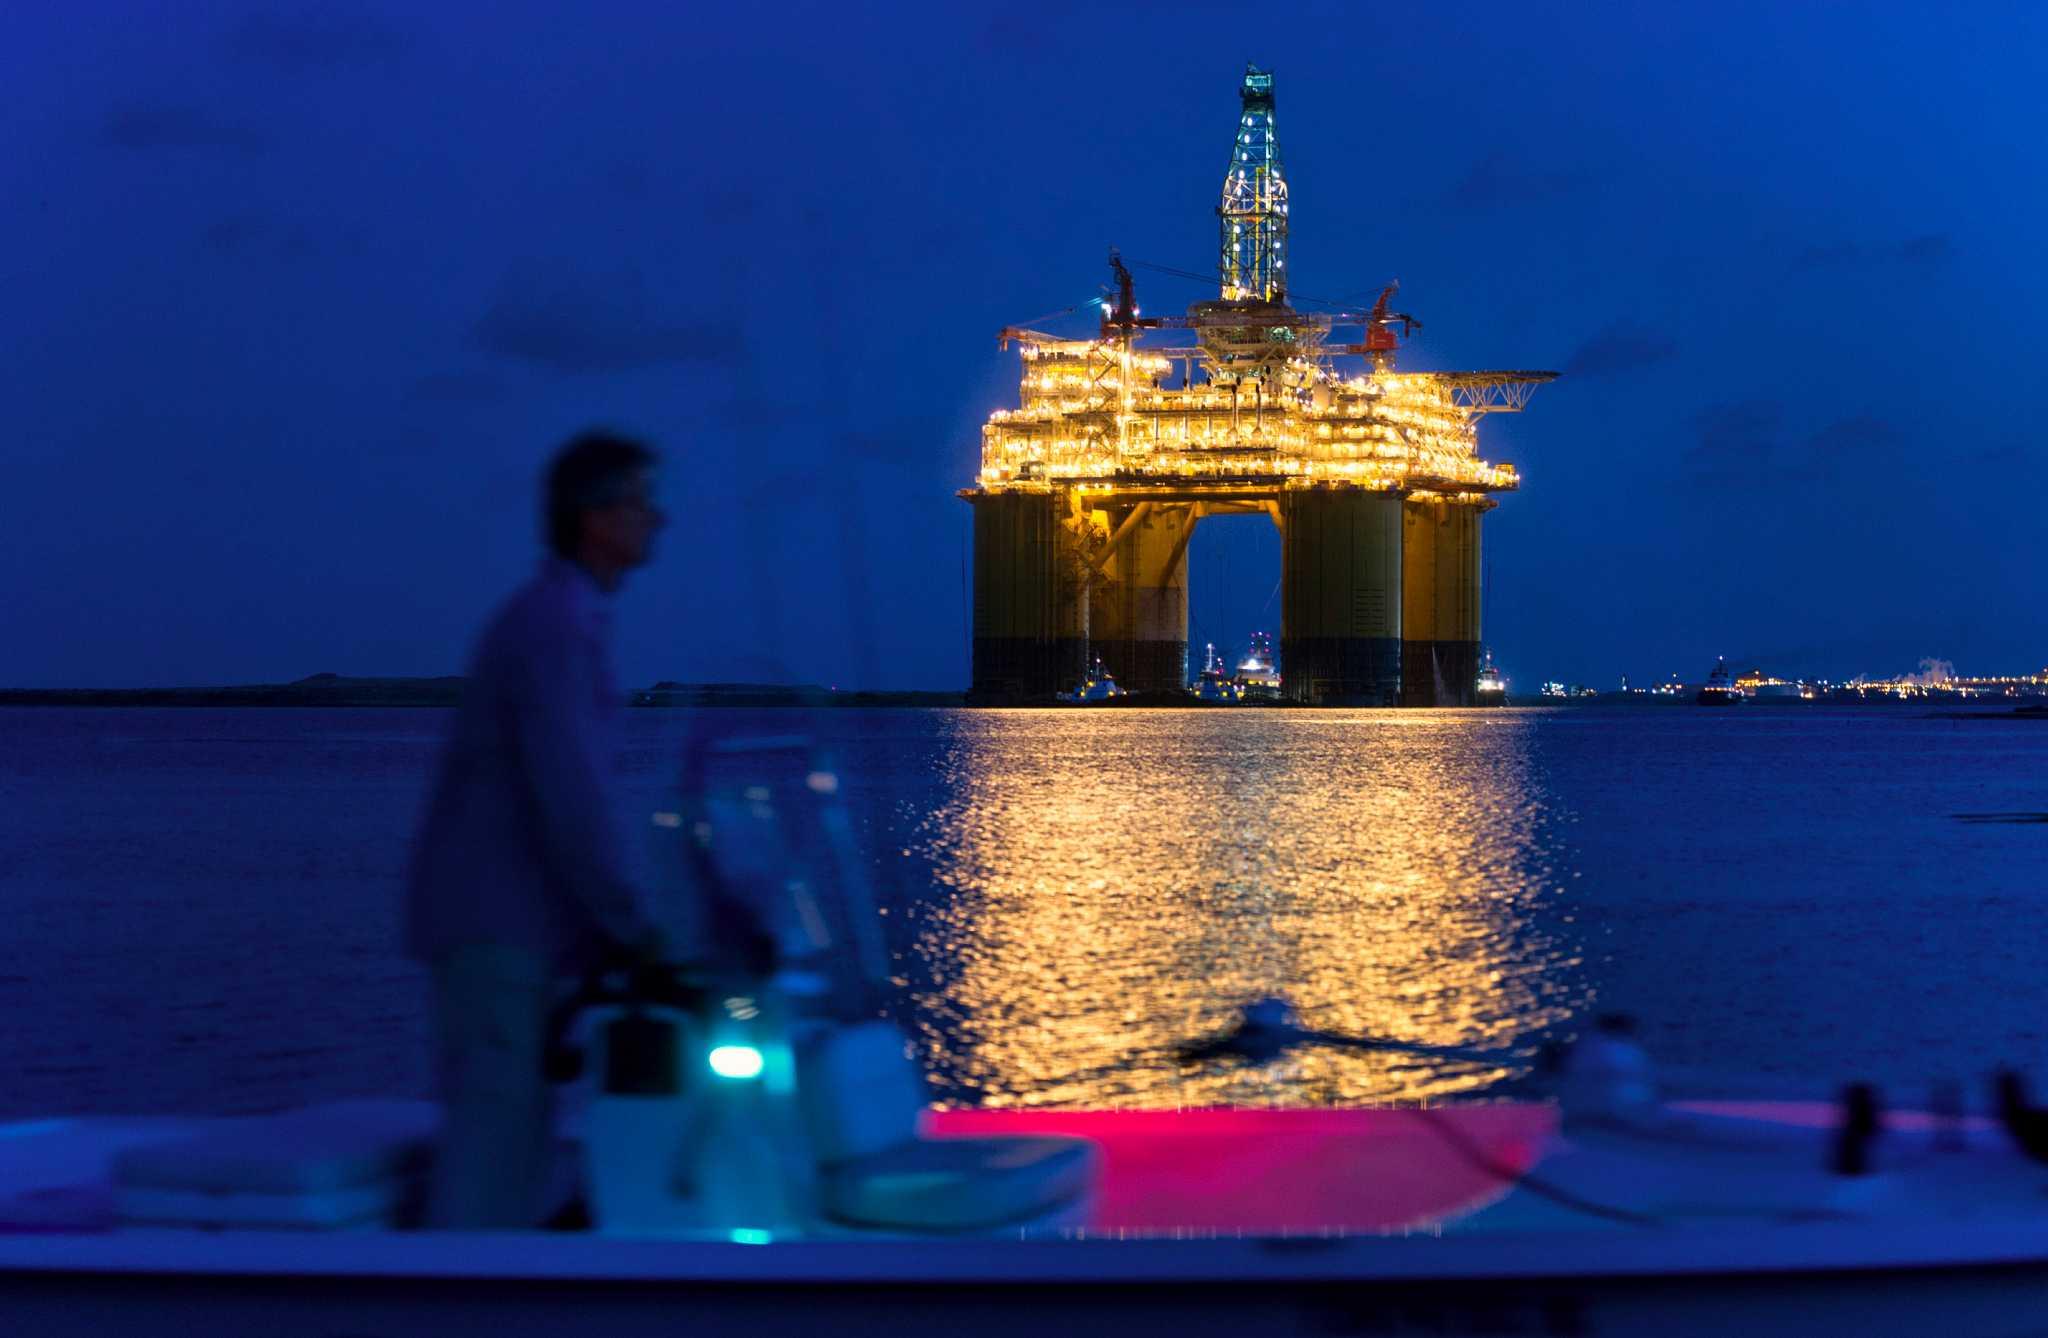 Big Oil evacuates Gulf platforms as disturbance strengthens